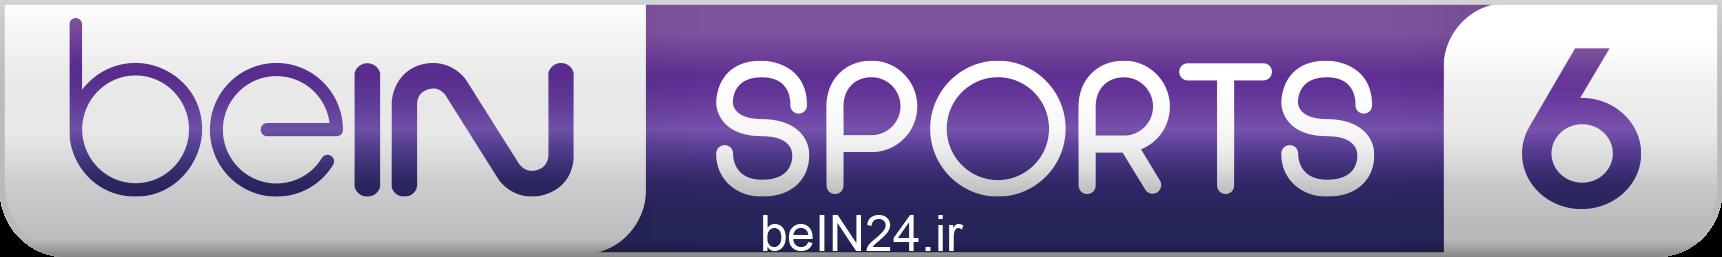 شبکه بین اسپرت ۶